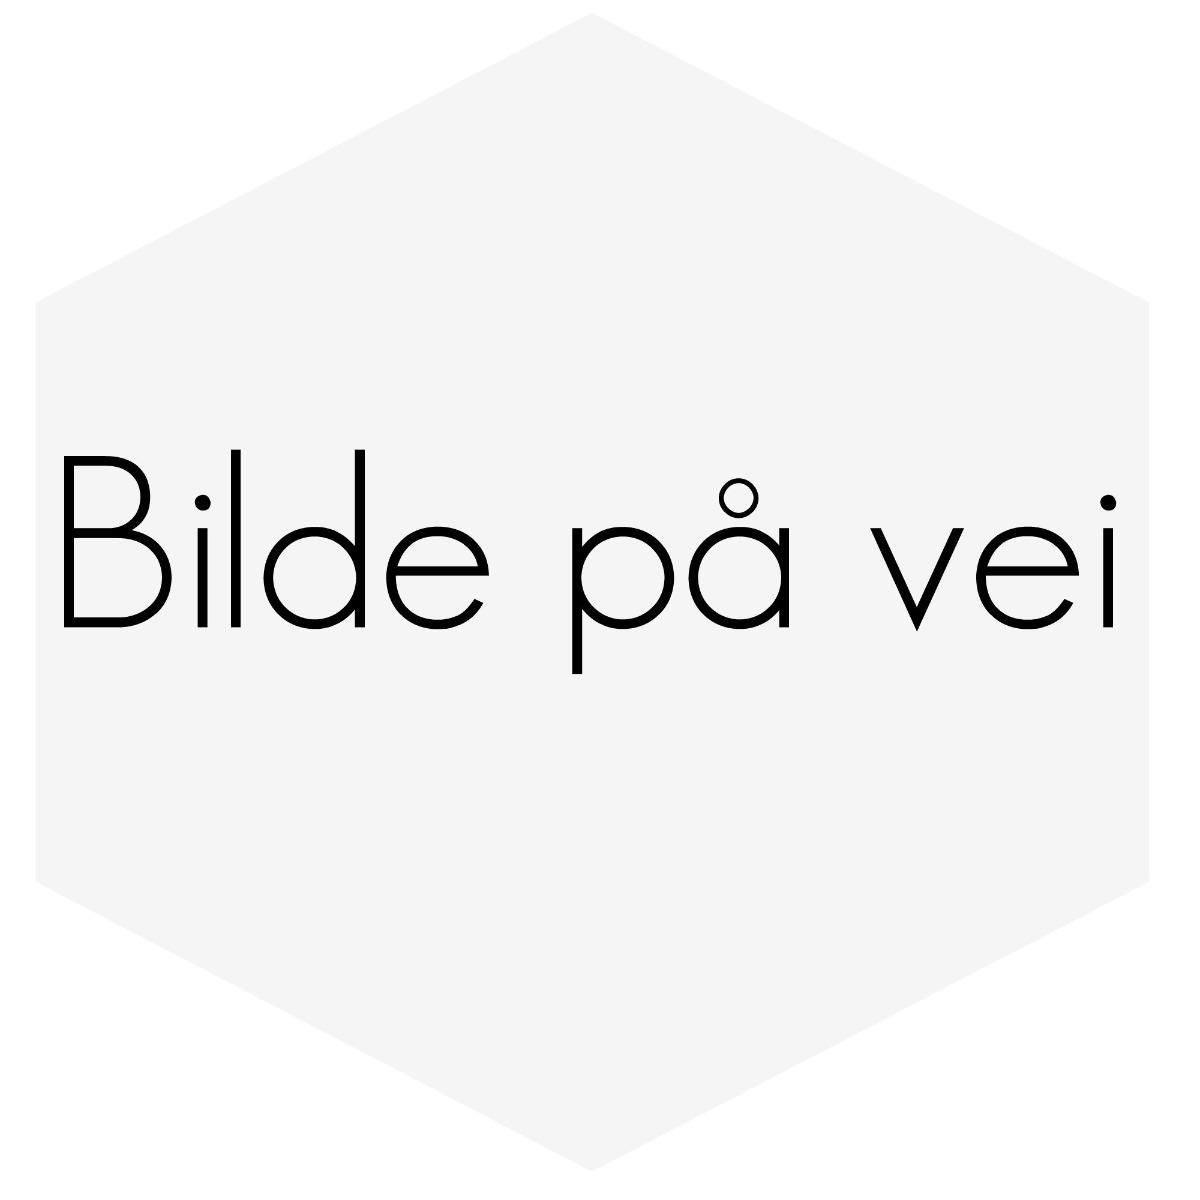 VANNPUMP TIL VOLVO D20,D24,24T 79-94 271613/1257185